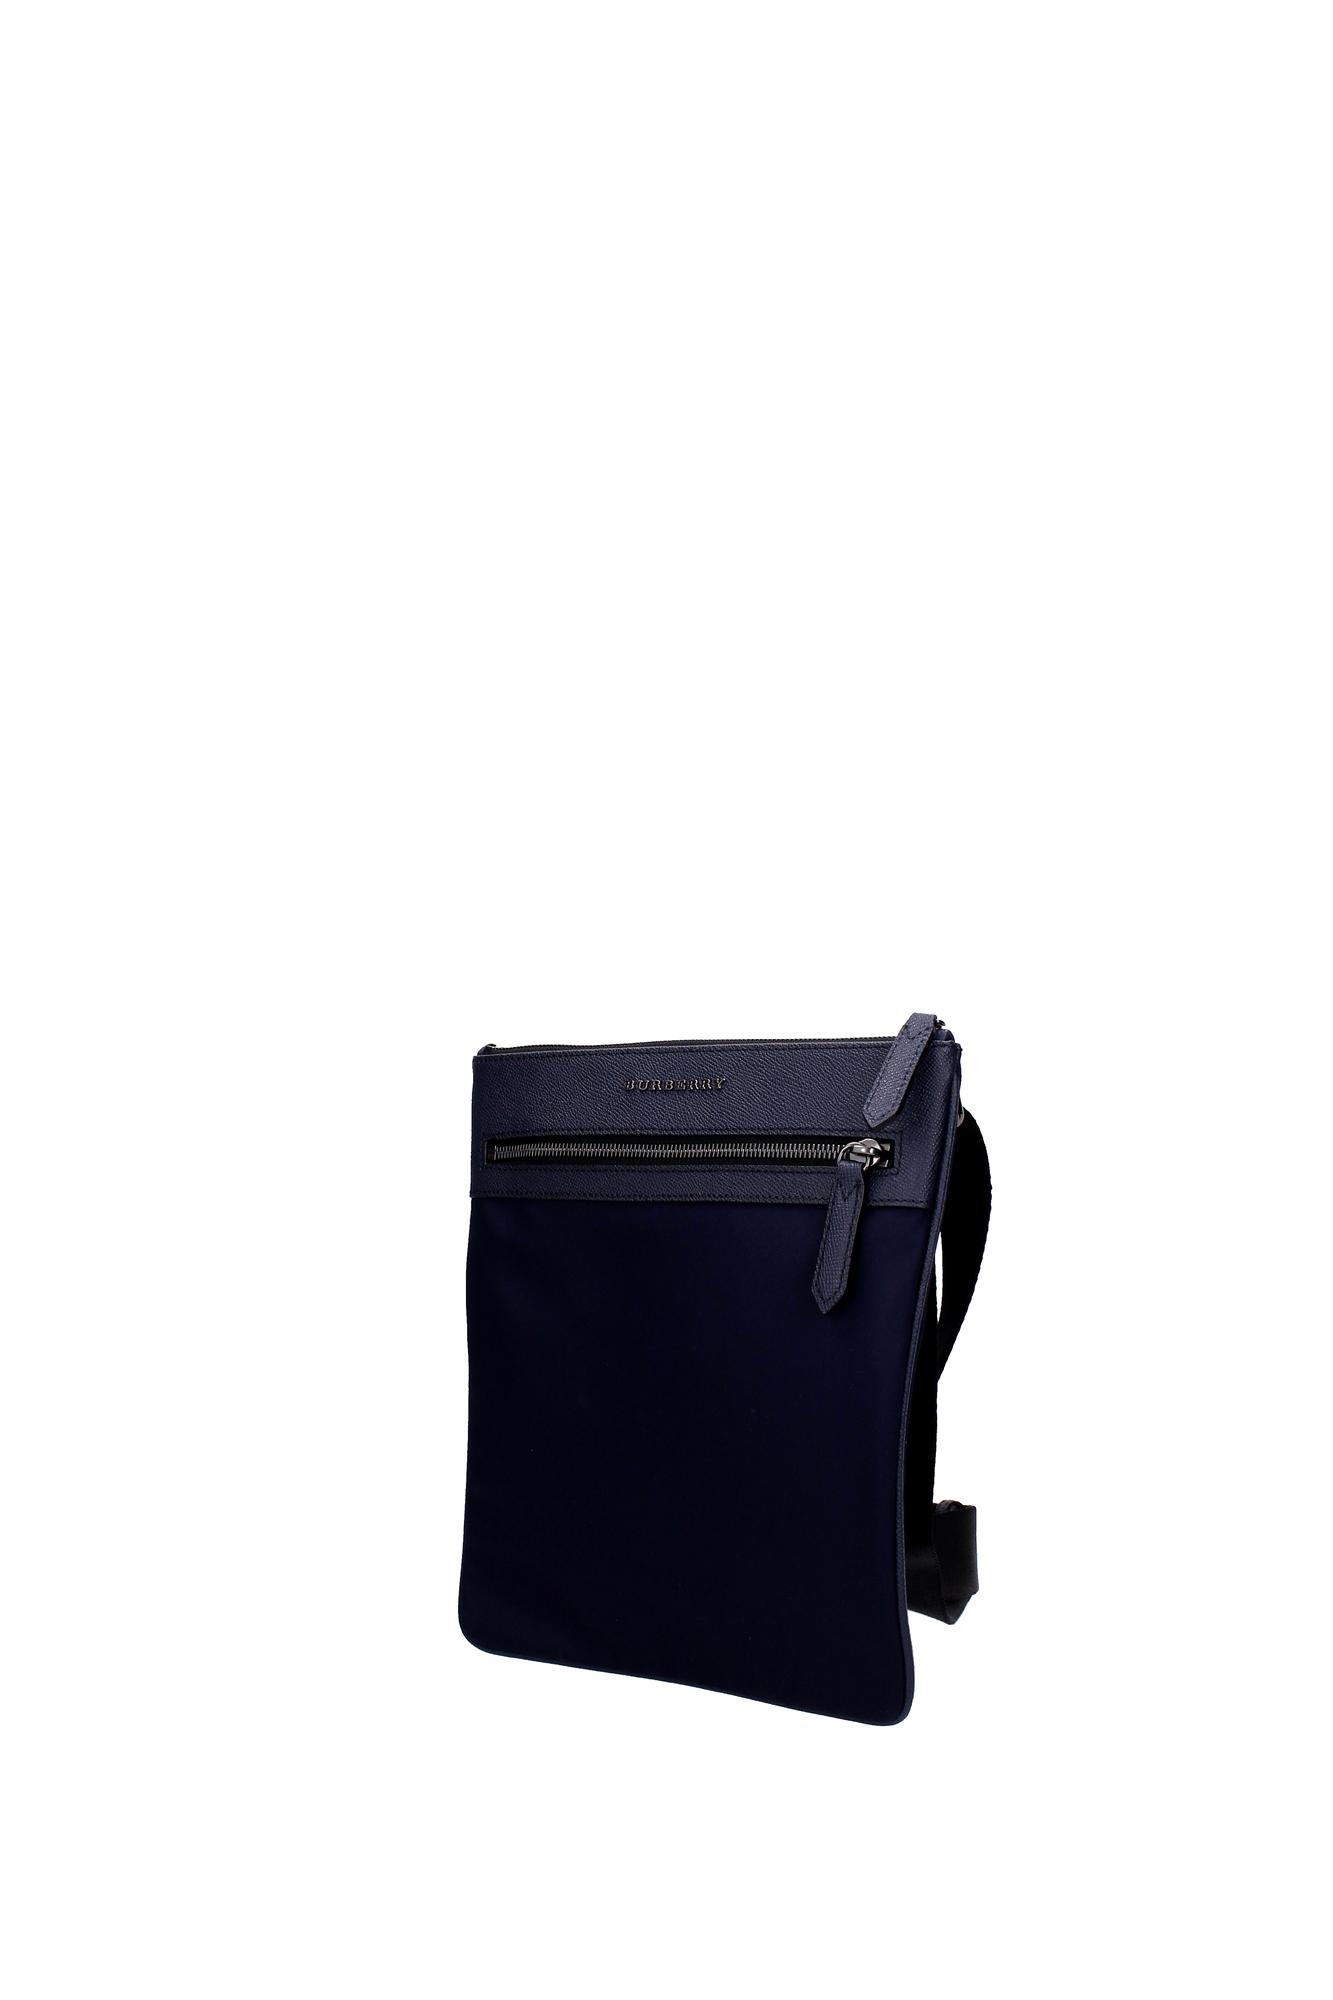 Borse Burberry Su Kijiji : Borse a tracolla burberry uomo poliammide blu